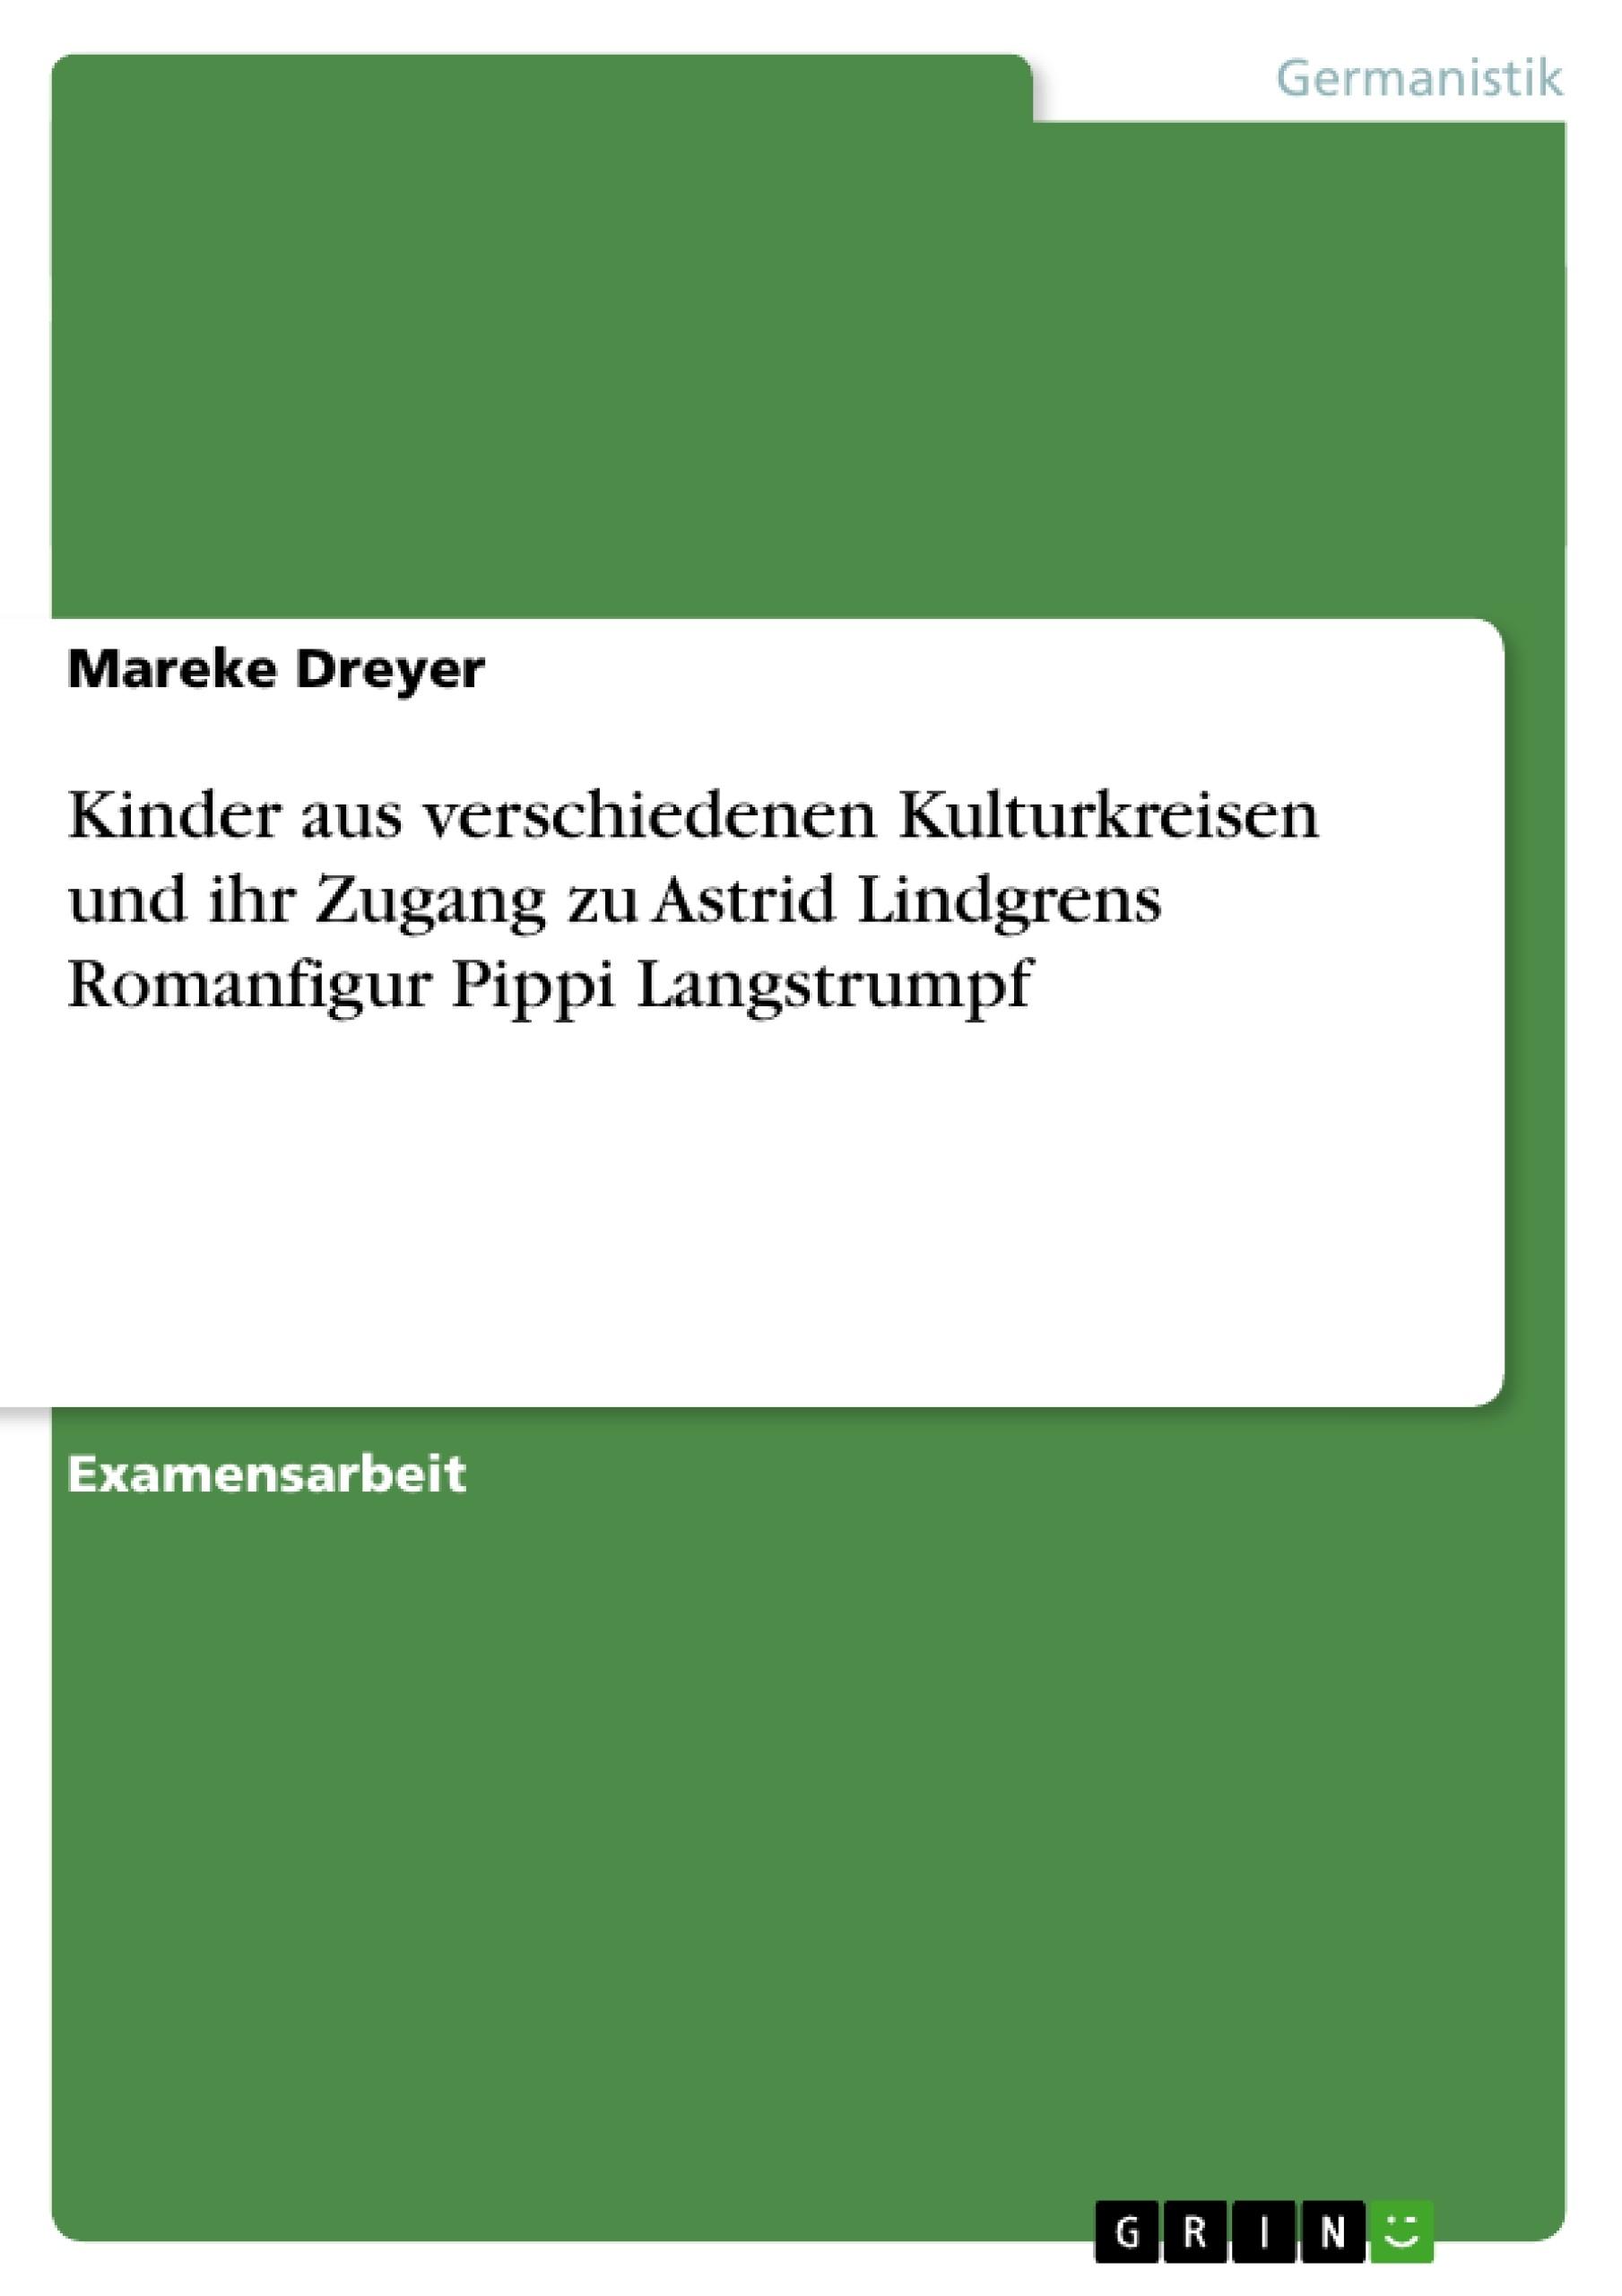 Titel: Kinder aus verschiedenen Kulturkreisen und ihr Zugang zu Astrid Lindgrens Romanfigur Pippi Langstrumpf